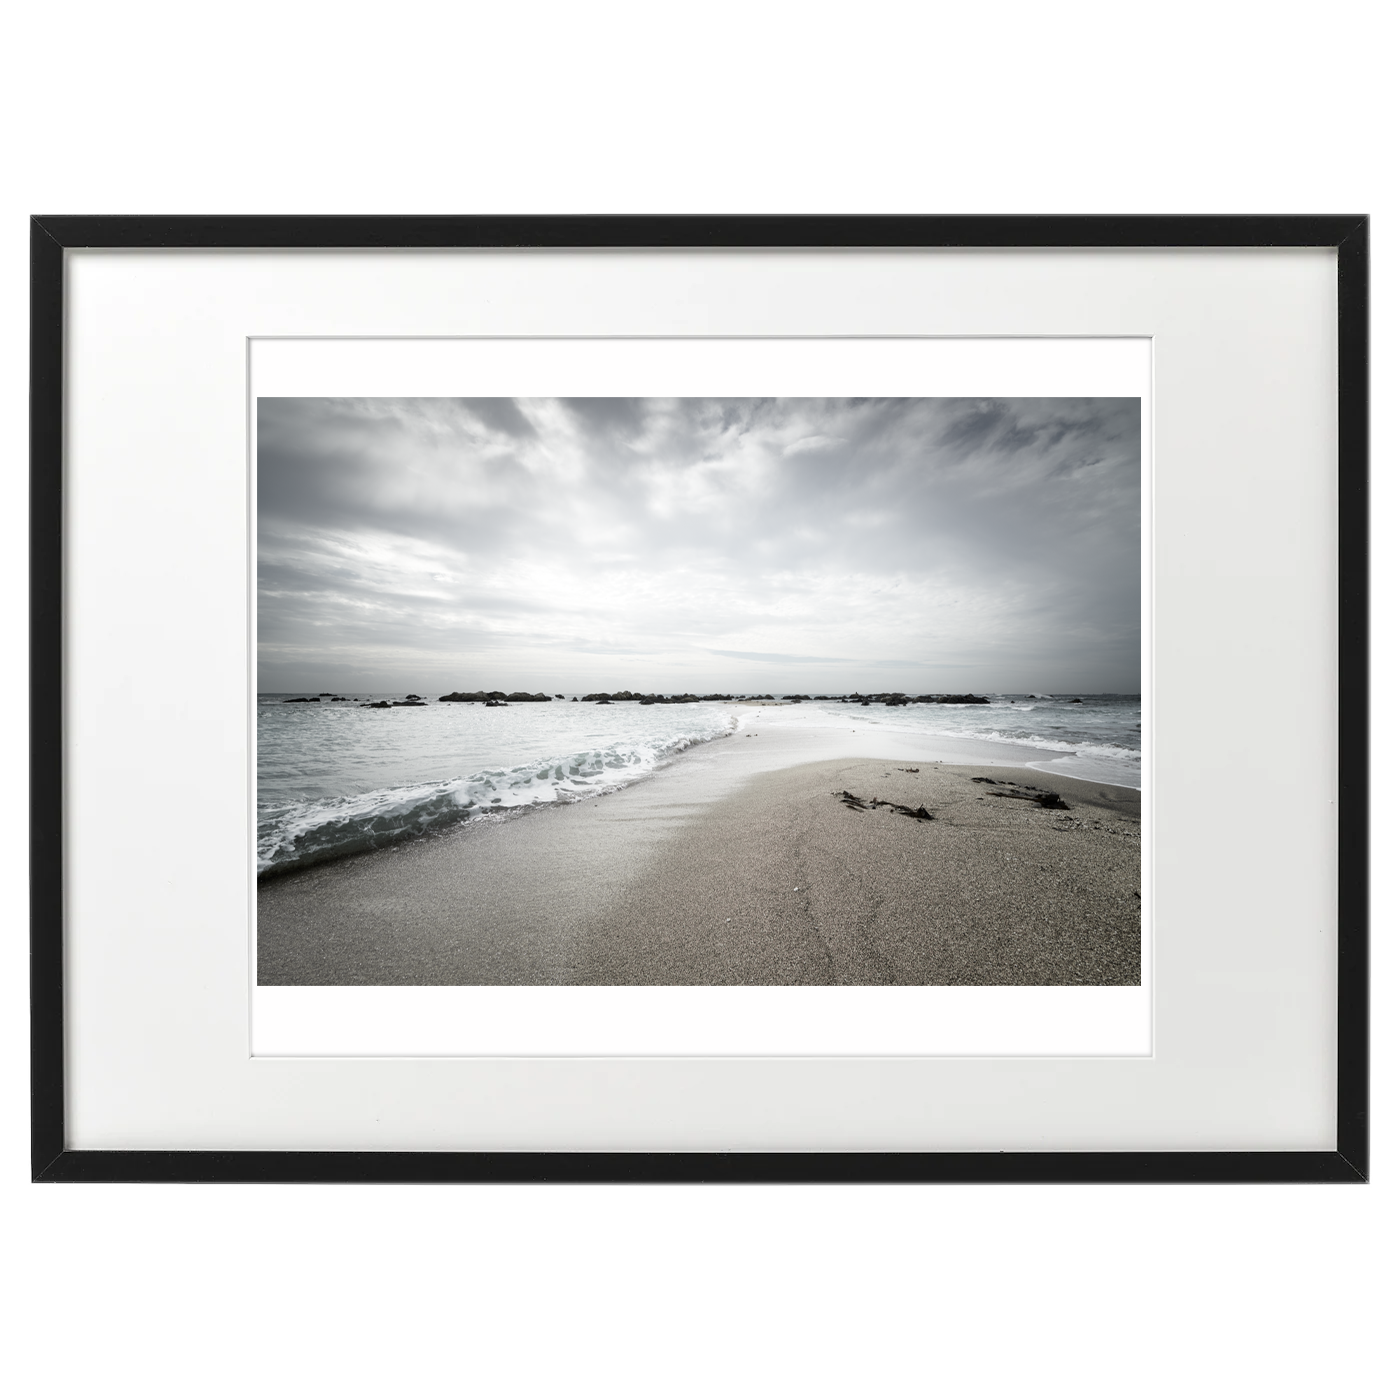 フレーム海景 20-024 砂州、向き合う波